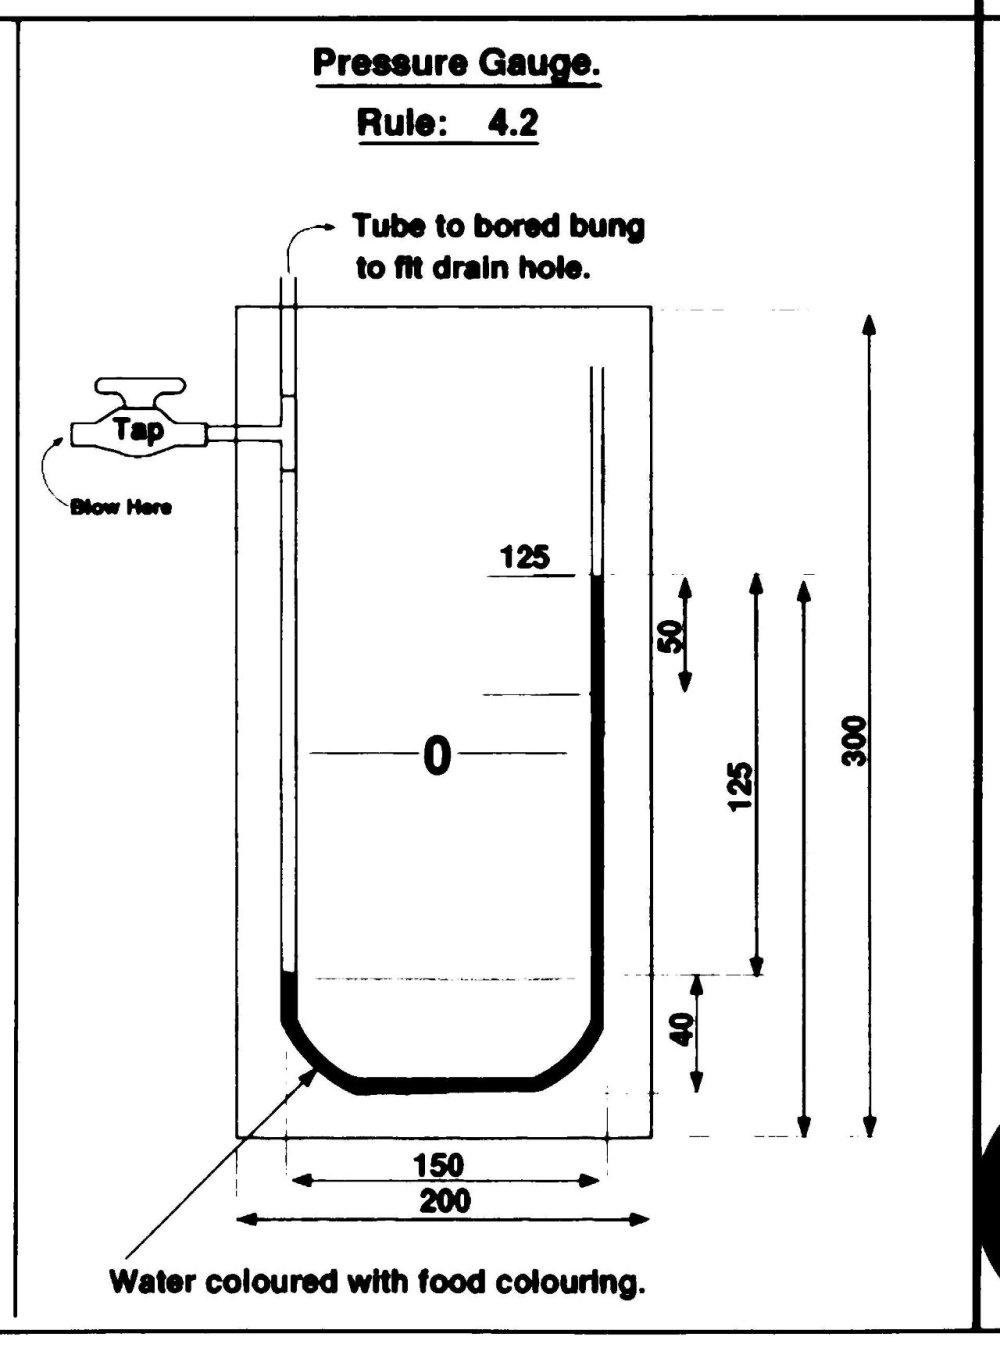 medium resolution of drawing of u tube water pressure gauge from 1998 measuement guide